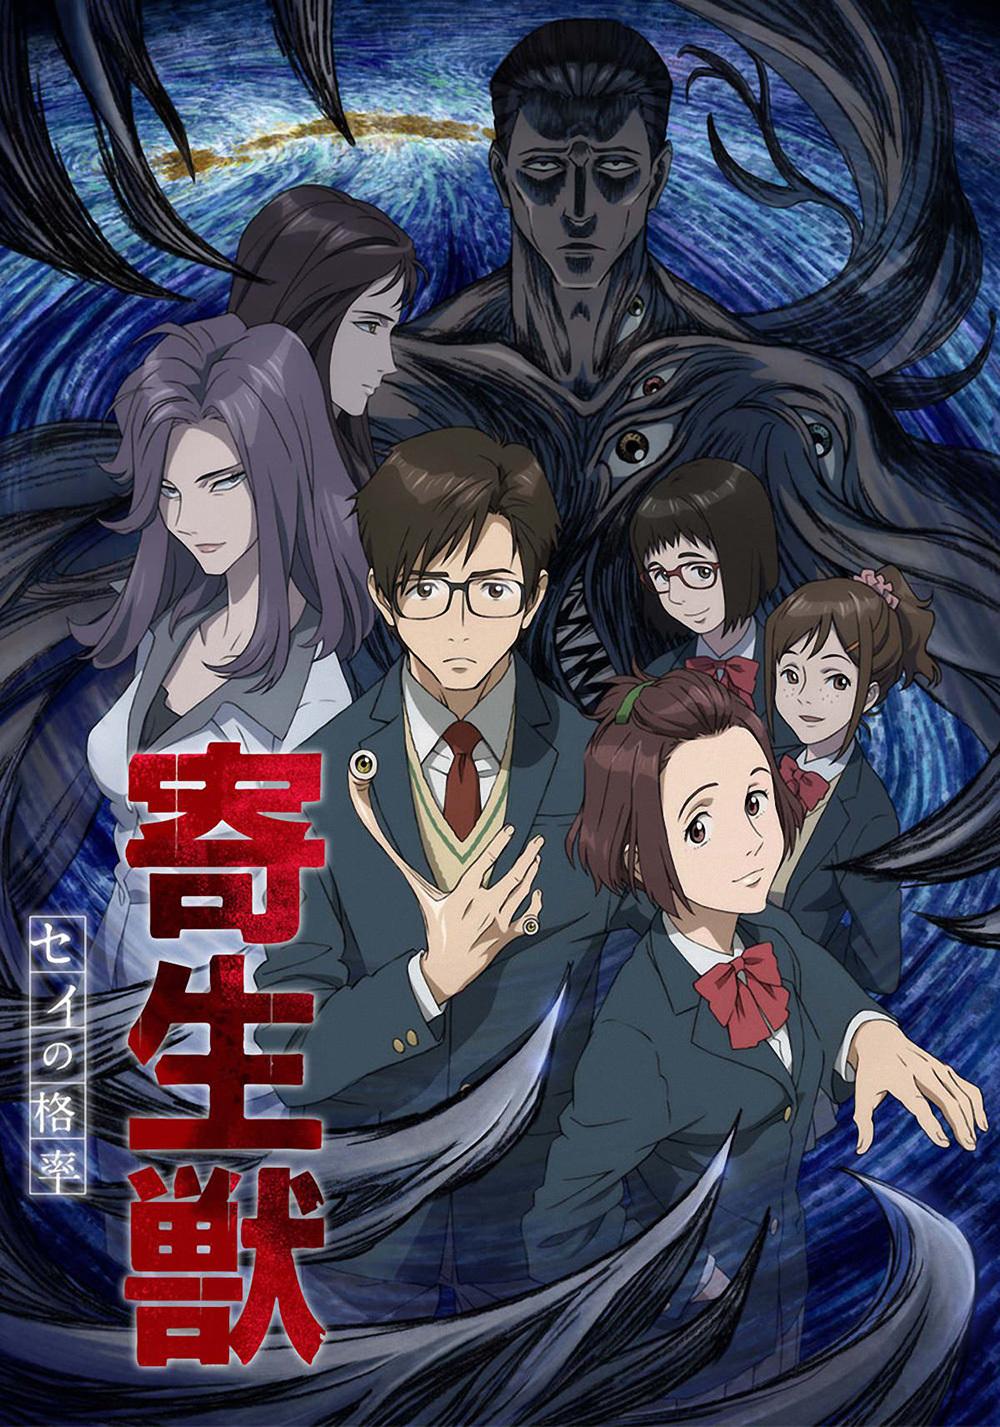 Parasyte anime visual haruhichan.com kiseijuu sei no kakuritsu anime visual